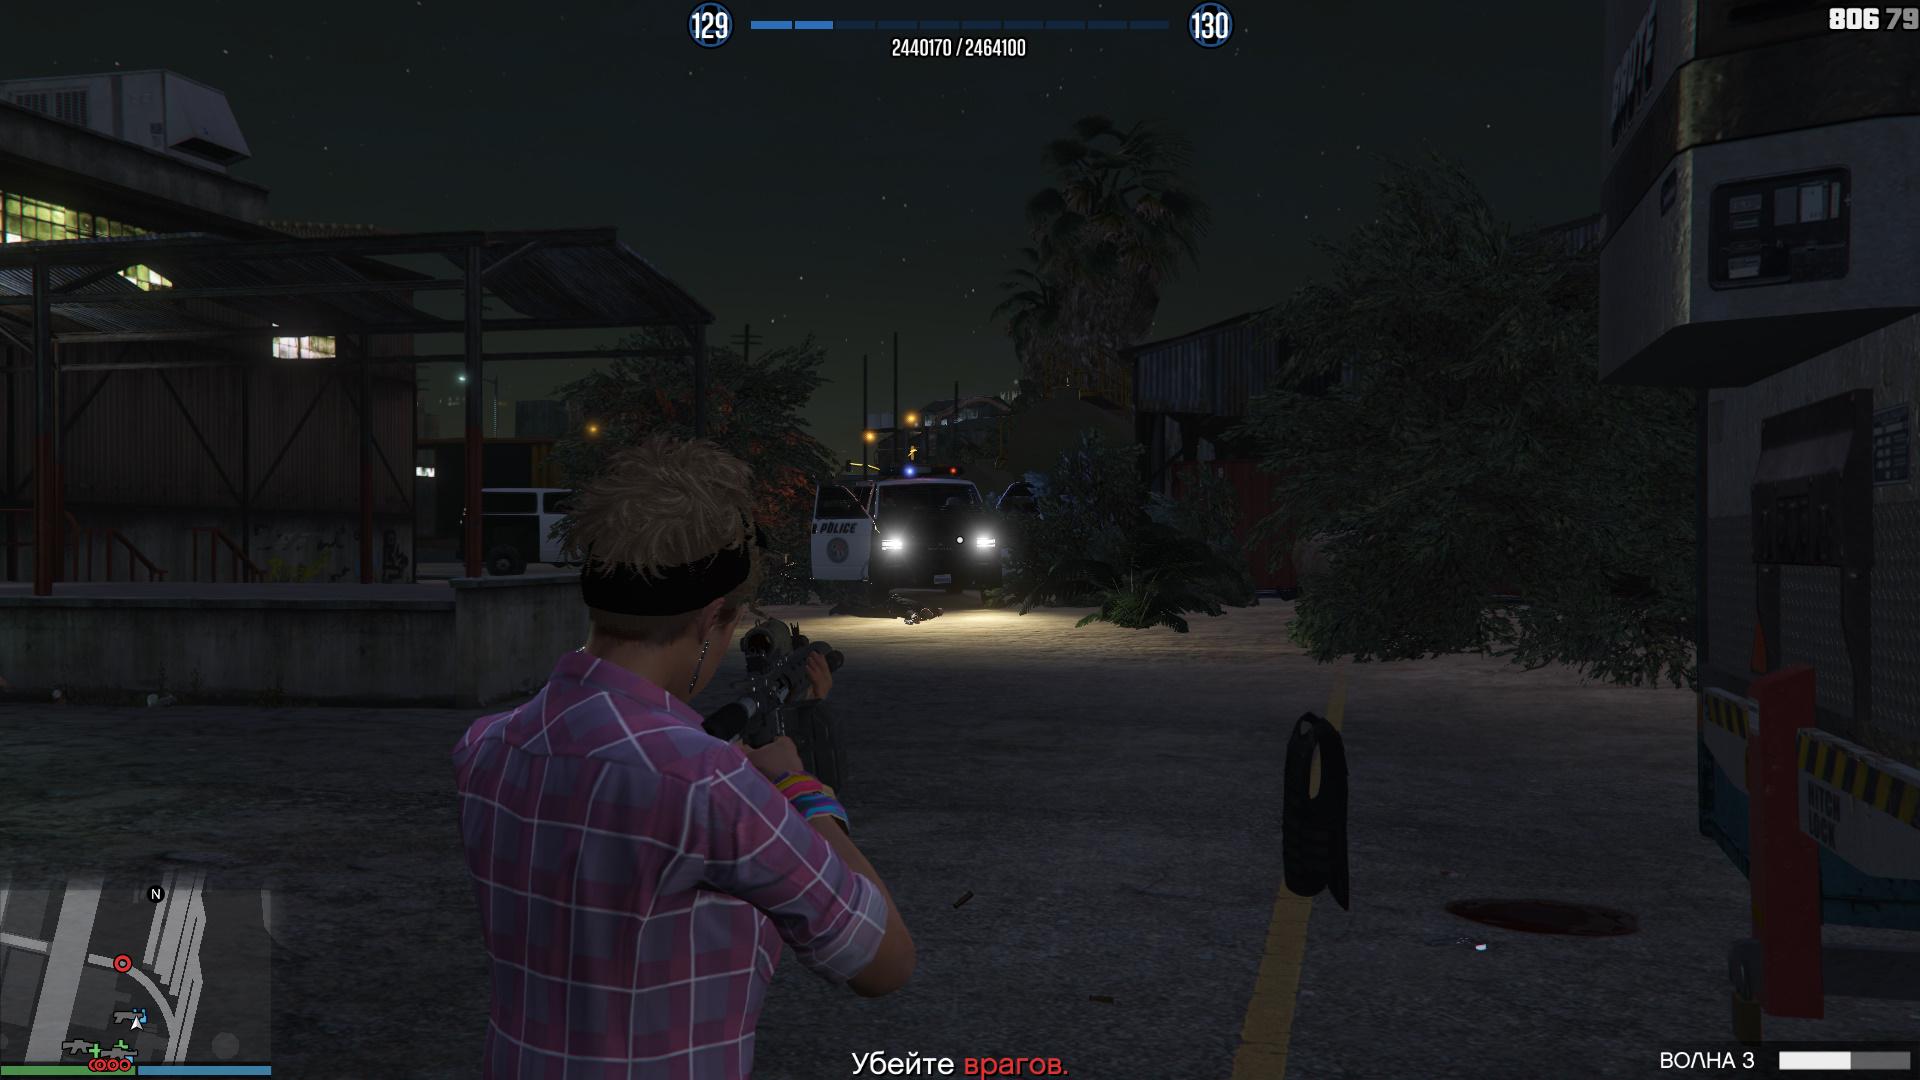 GTA5 2017-05-18 21-25-16-084.jpg - Grand Theft Auto 5 Открытый мир